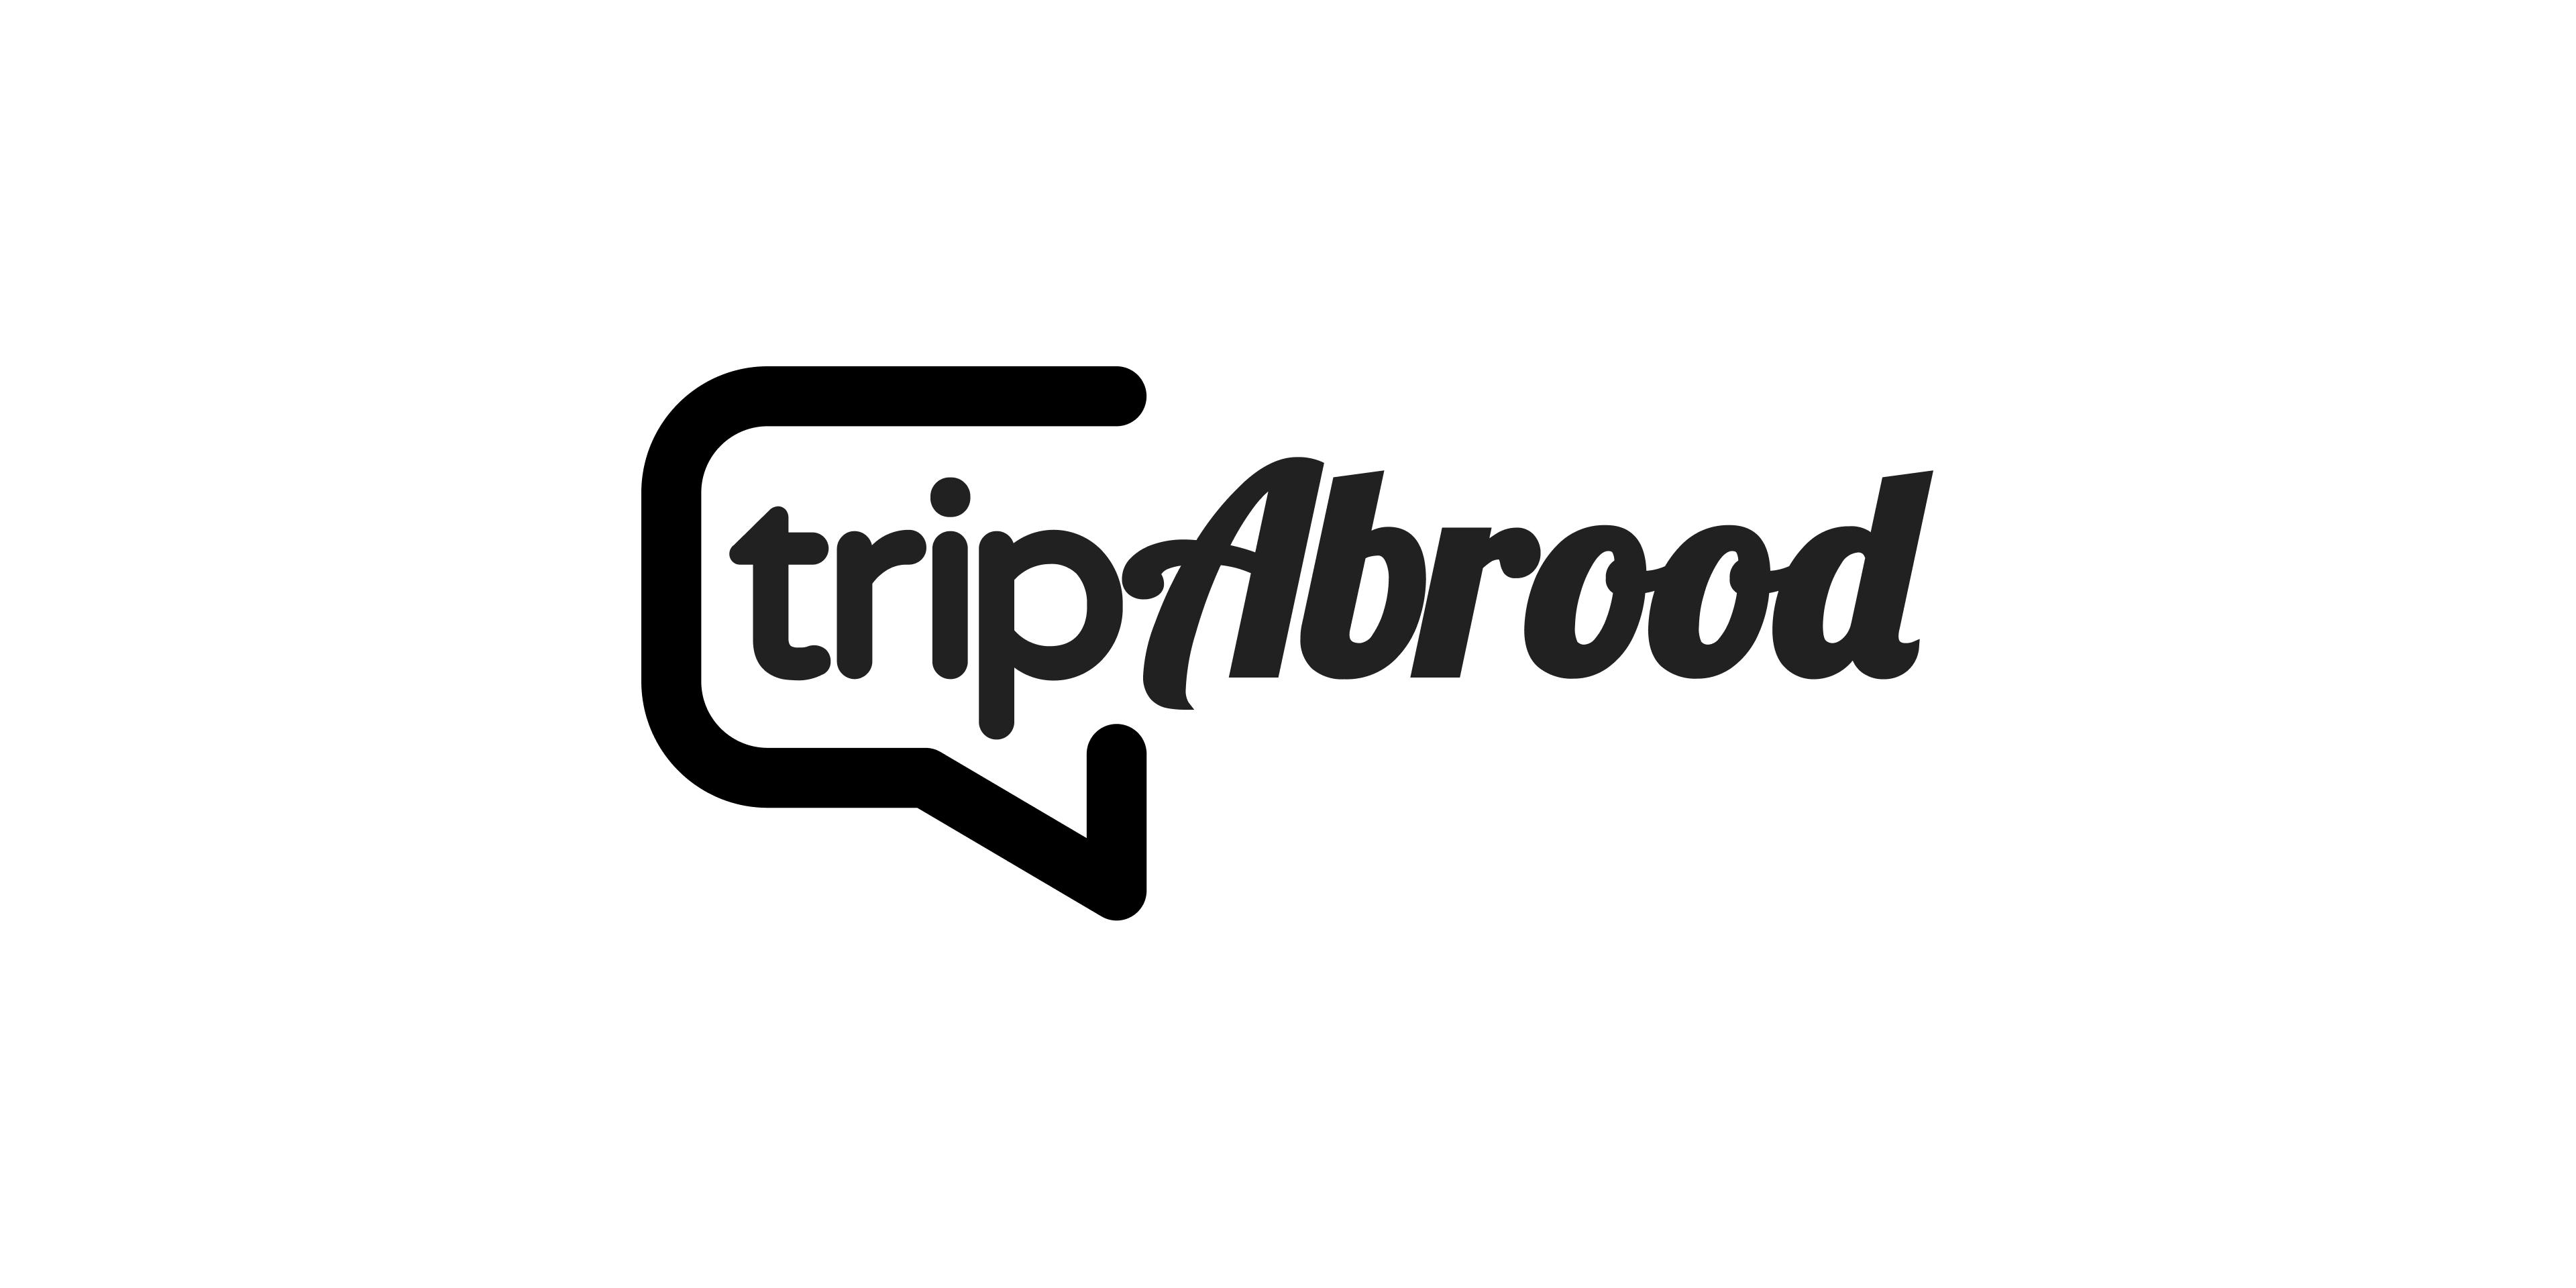 tripabrood